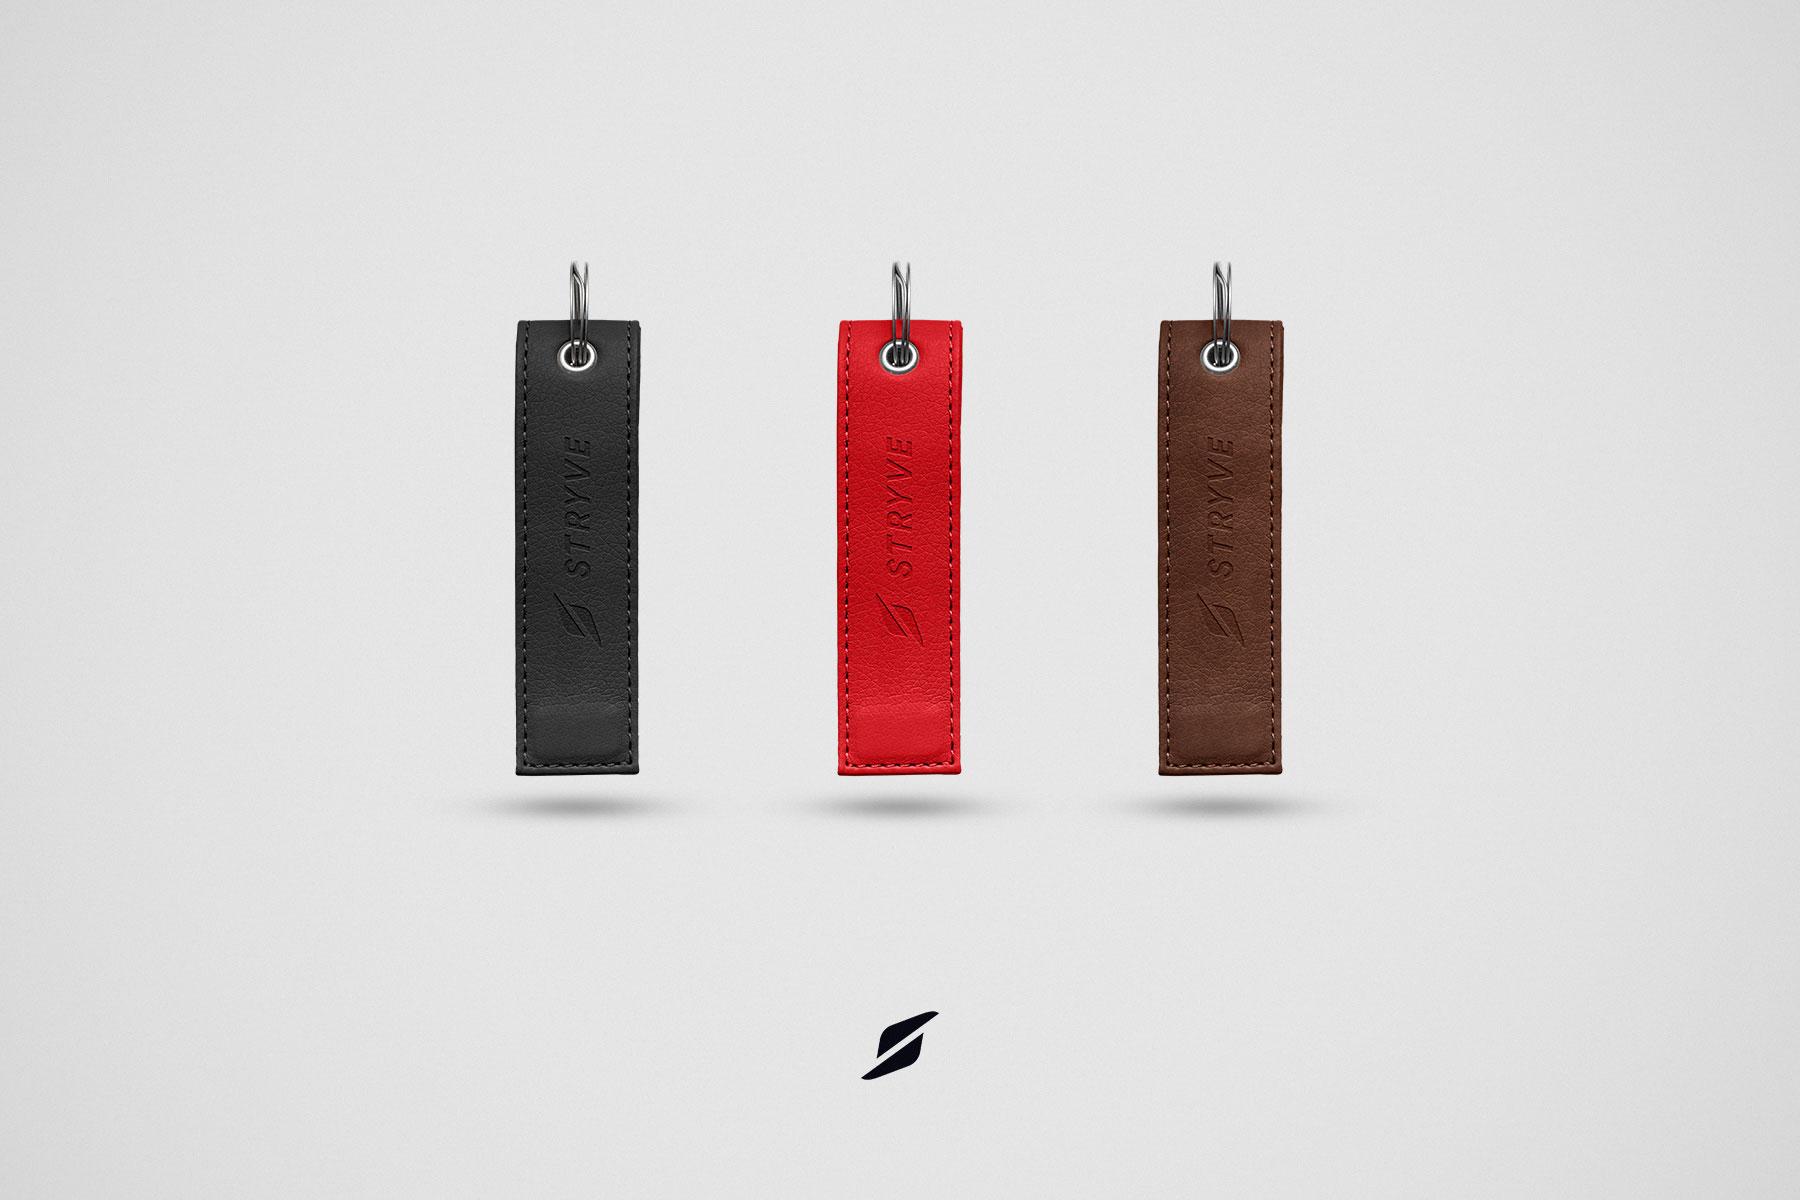 stryve-keychain-design-industrie-produkt